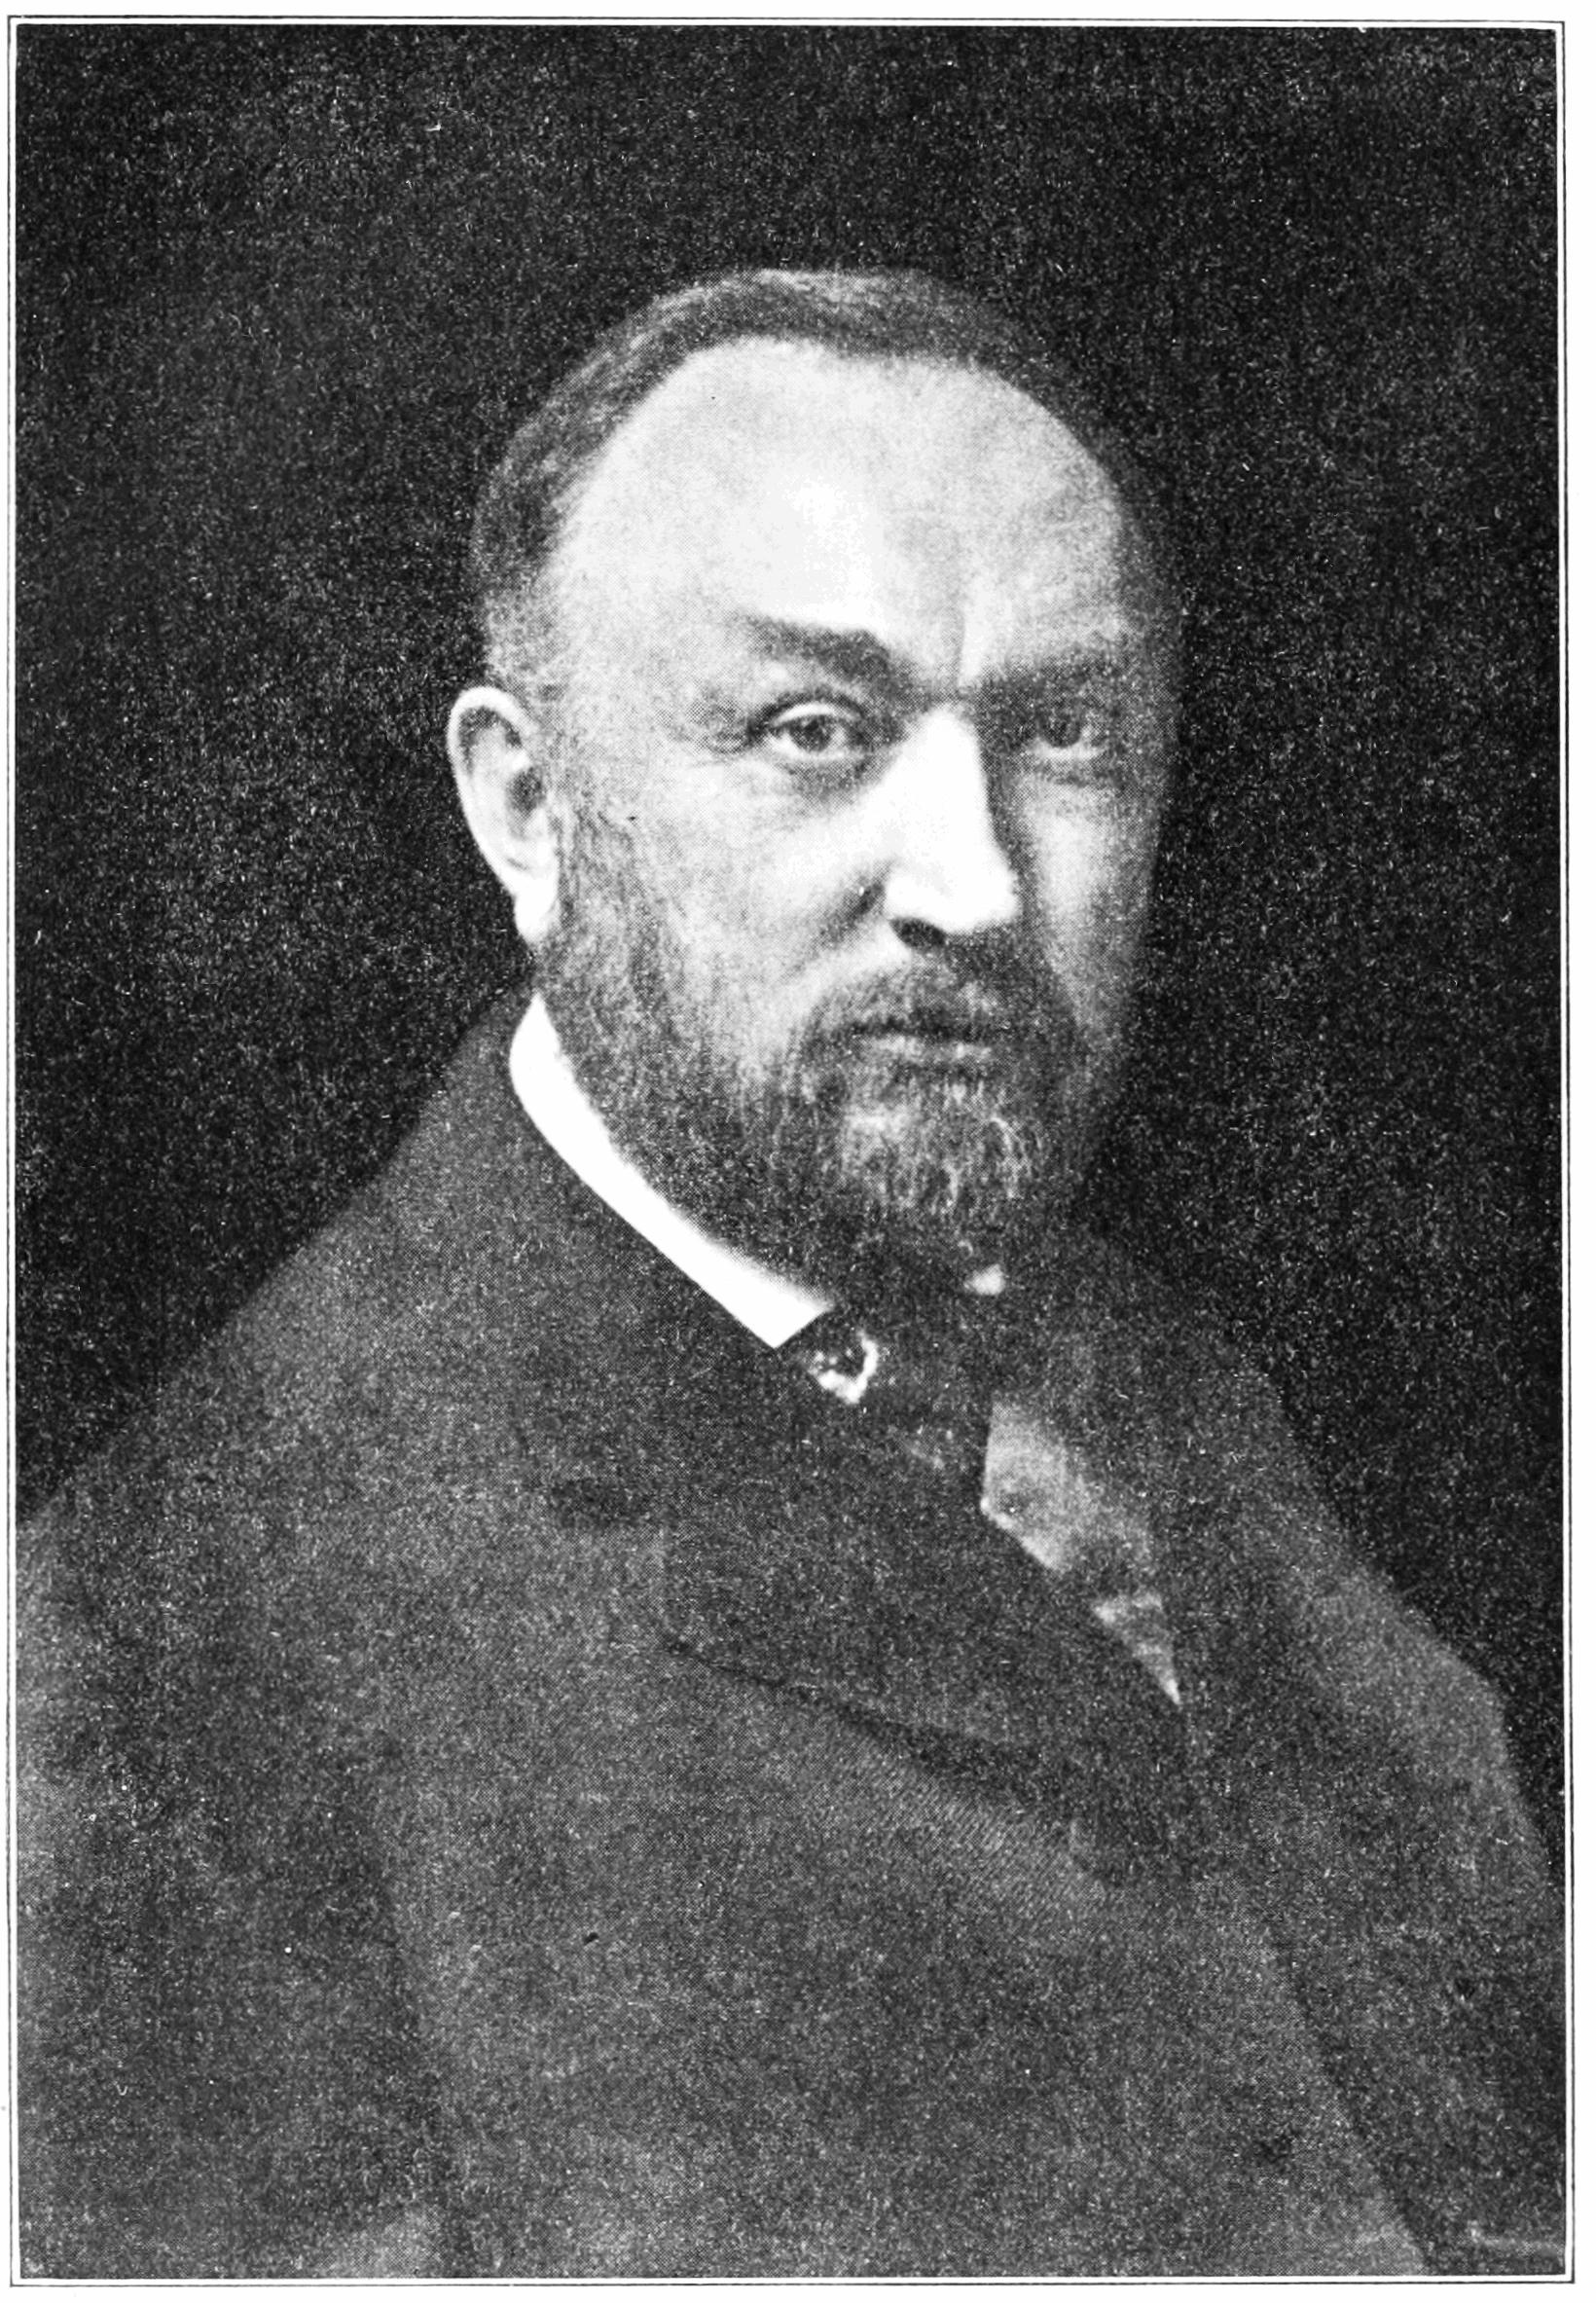 Edward Charles Pickering astrónomo, descubridor de estrellas y de la valía de las mujeres. Crédito: Popular Science Monthly.